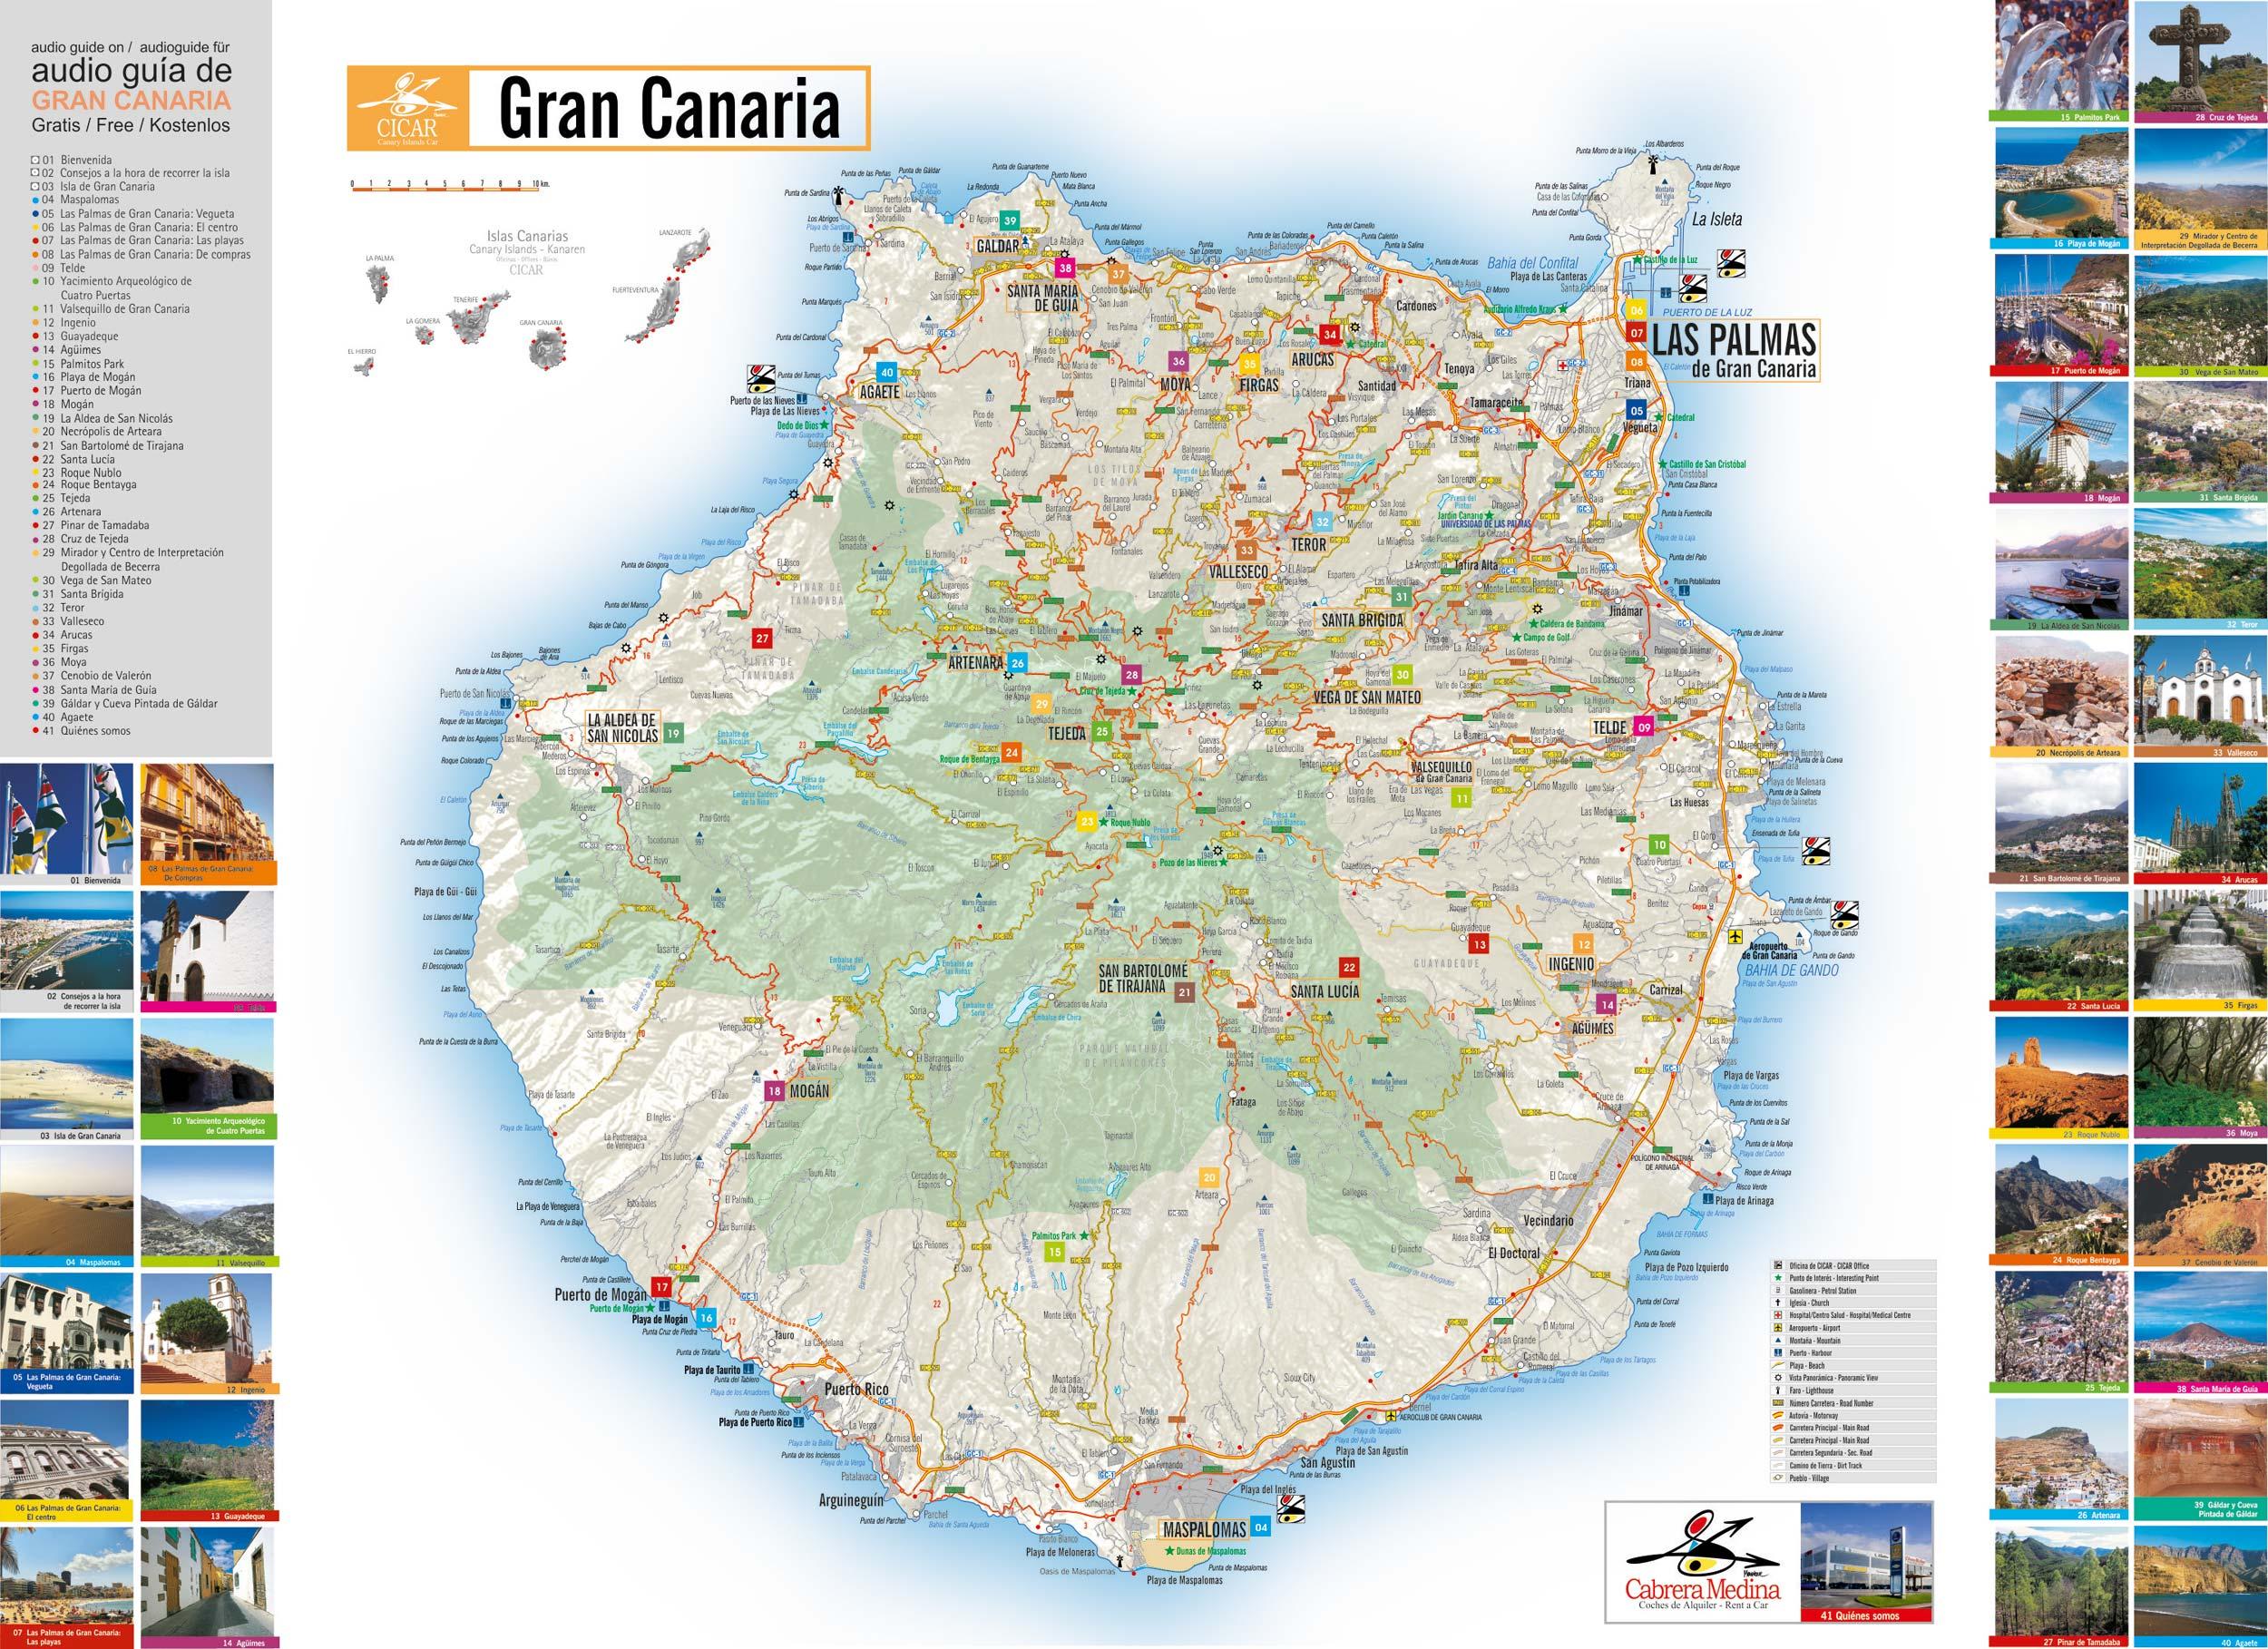 Gran Canaria Karte Flughafen.Mietwagen In Gran Canaria Autos Cabrera Medina